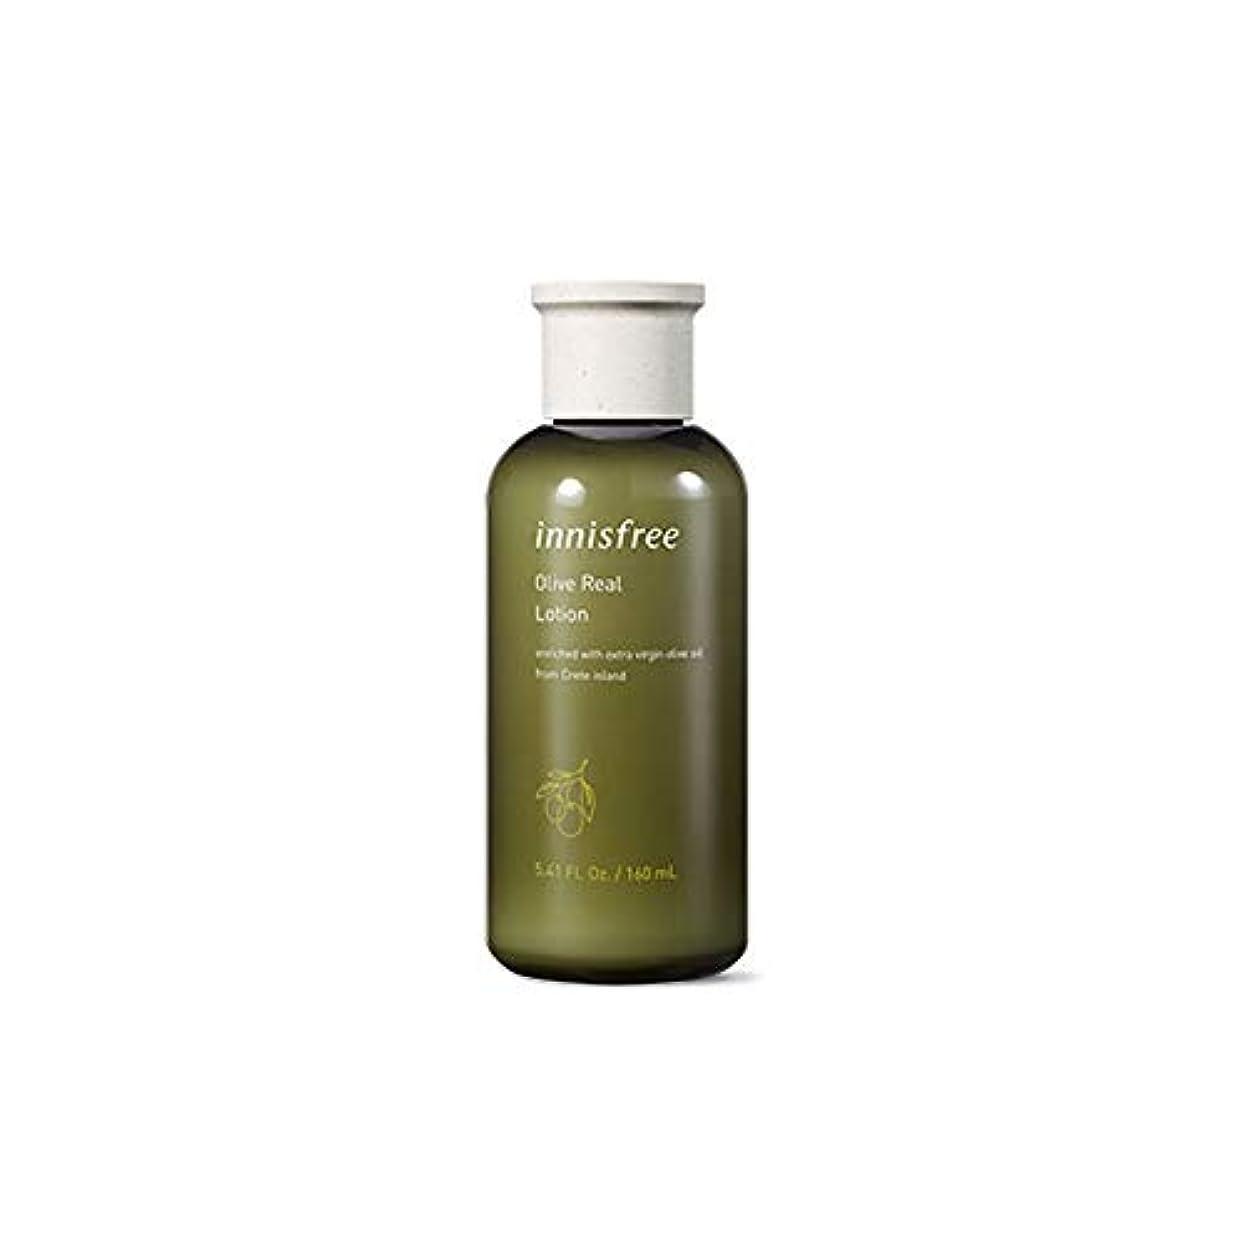 独立してレンダージョージエリオットNEW[イニスフリー] Innisfree オリーブリアルローション乳液EX(160ml) Innisfree Olive Real Lotion(160ml)EX [海外直送品]